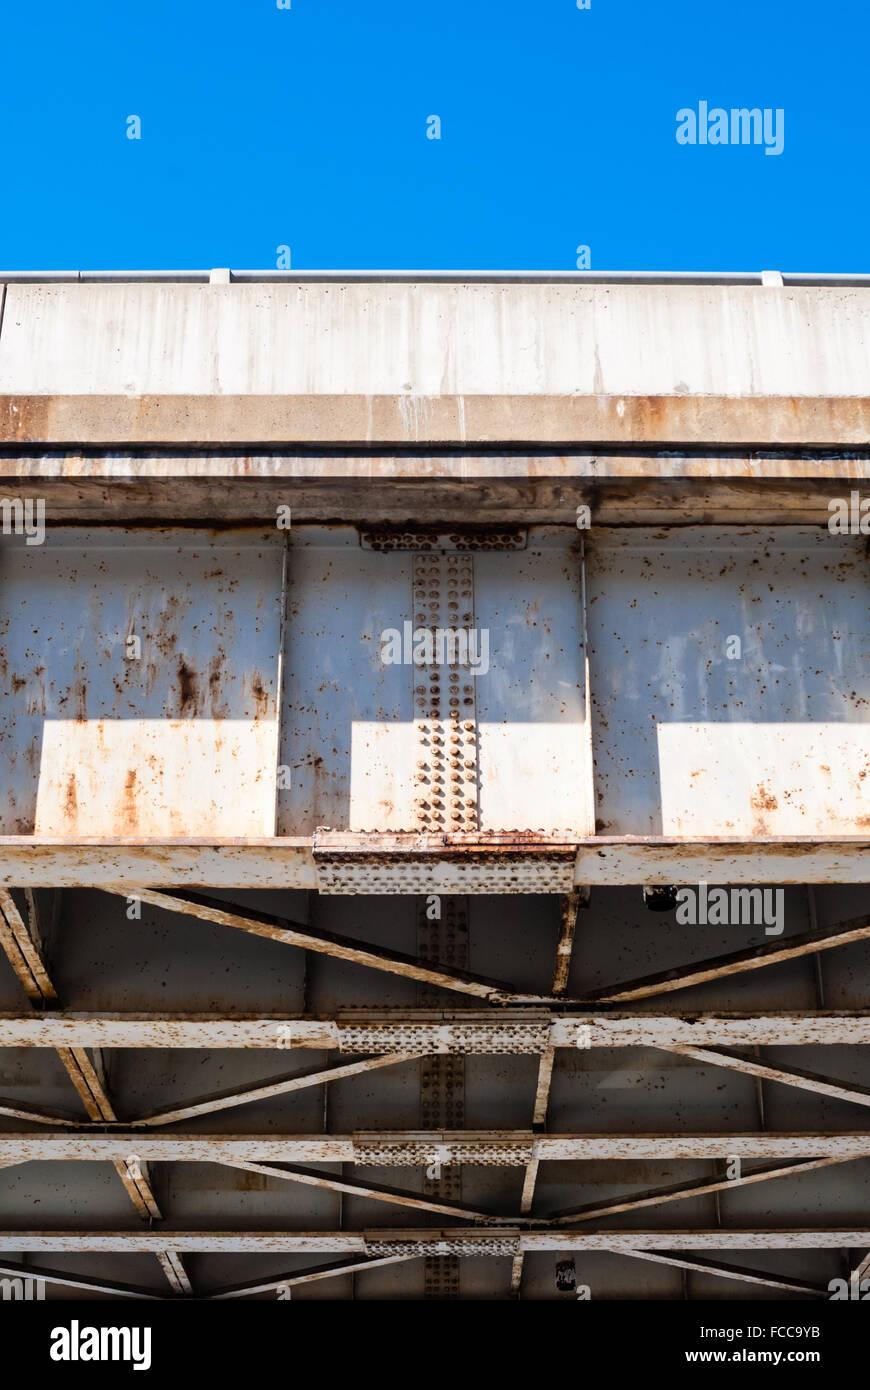 Steel Truss Structure Stockfotos & Steel Truss Structure Bilder - Alamy